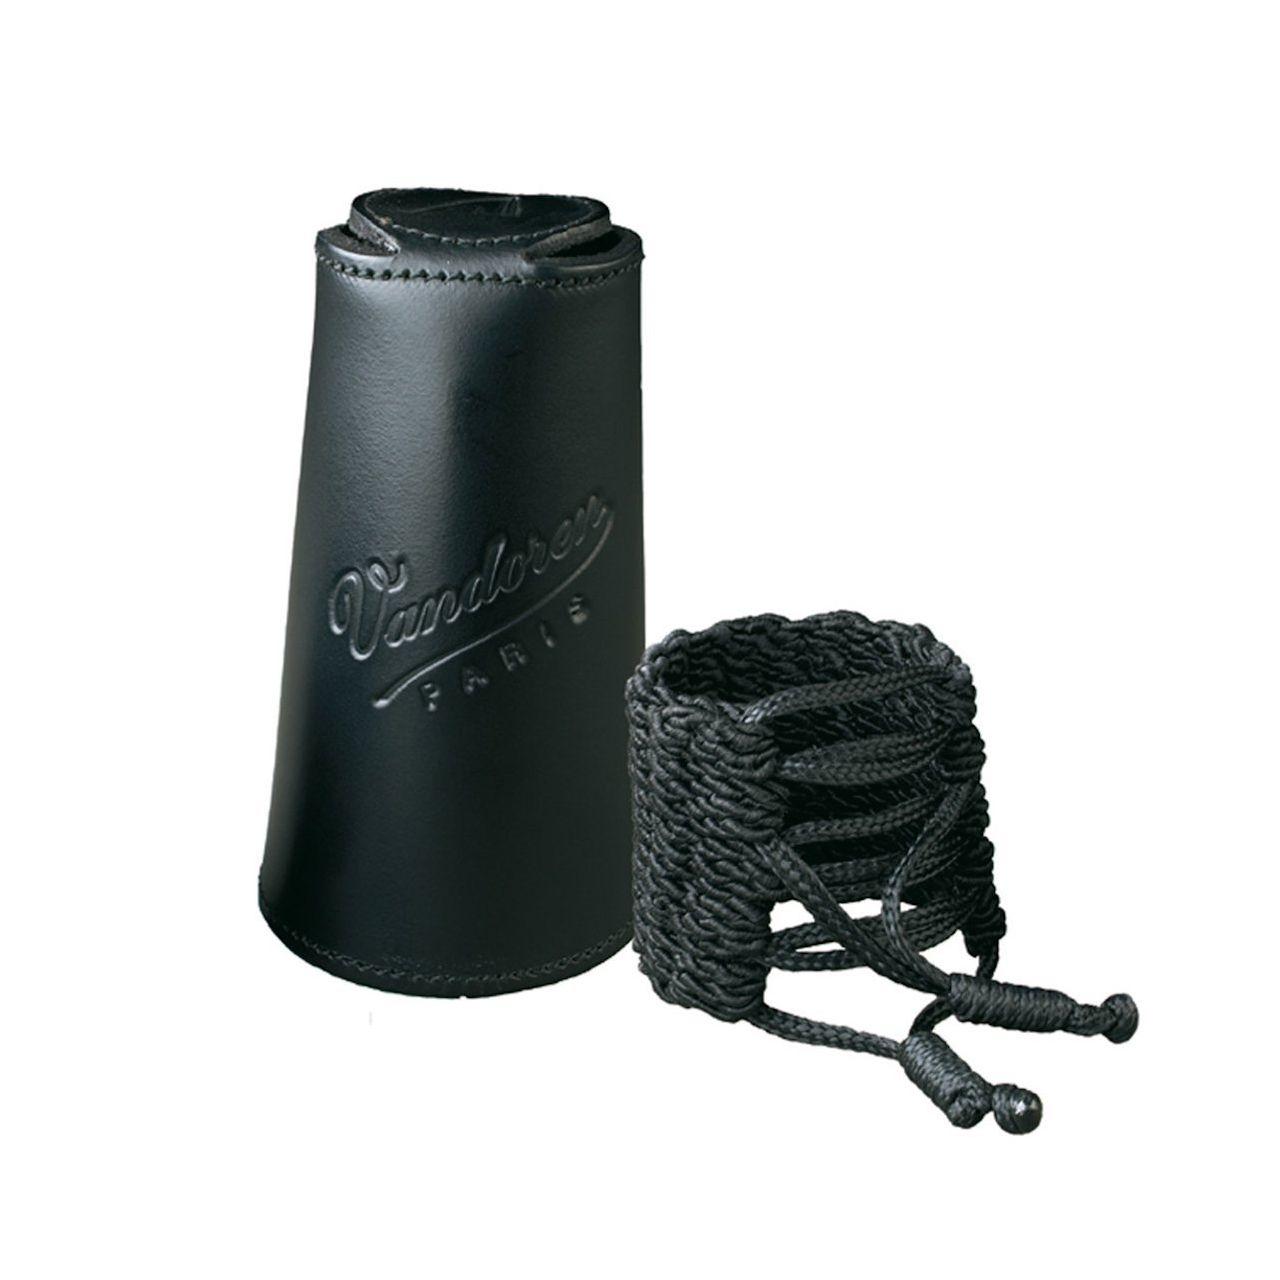 Bracadeira Klassik P/clarinete Soprano Sib C/ Cobre Boquilha  Couro Lc35l Vandoren